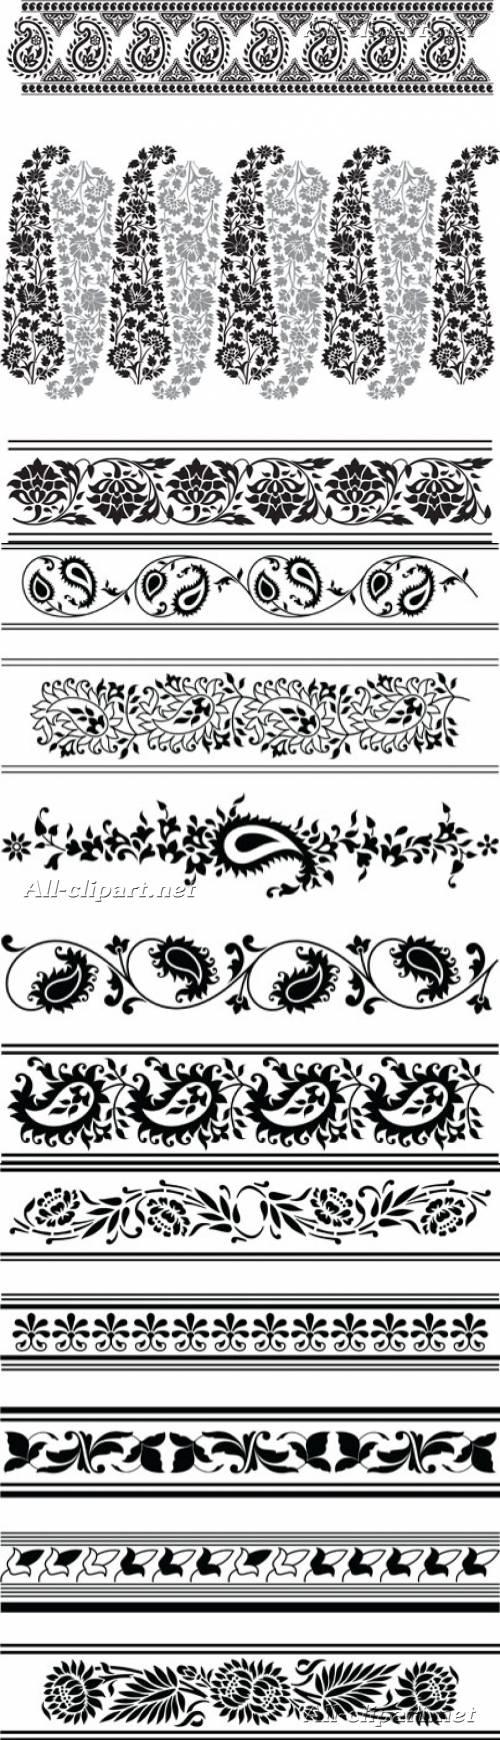 Декоративные бордюры с цветочными элементами в векторе   Vector Floral Ornament Borders